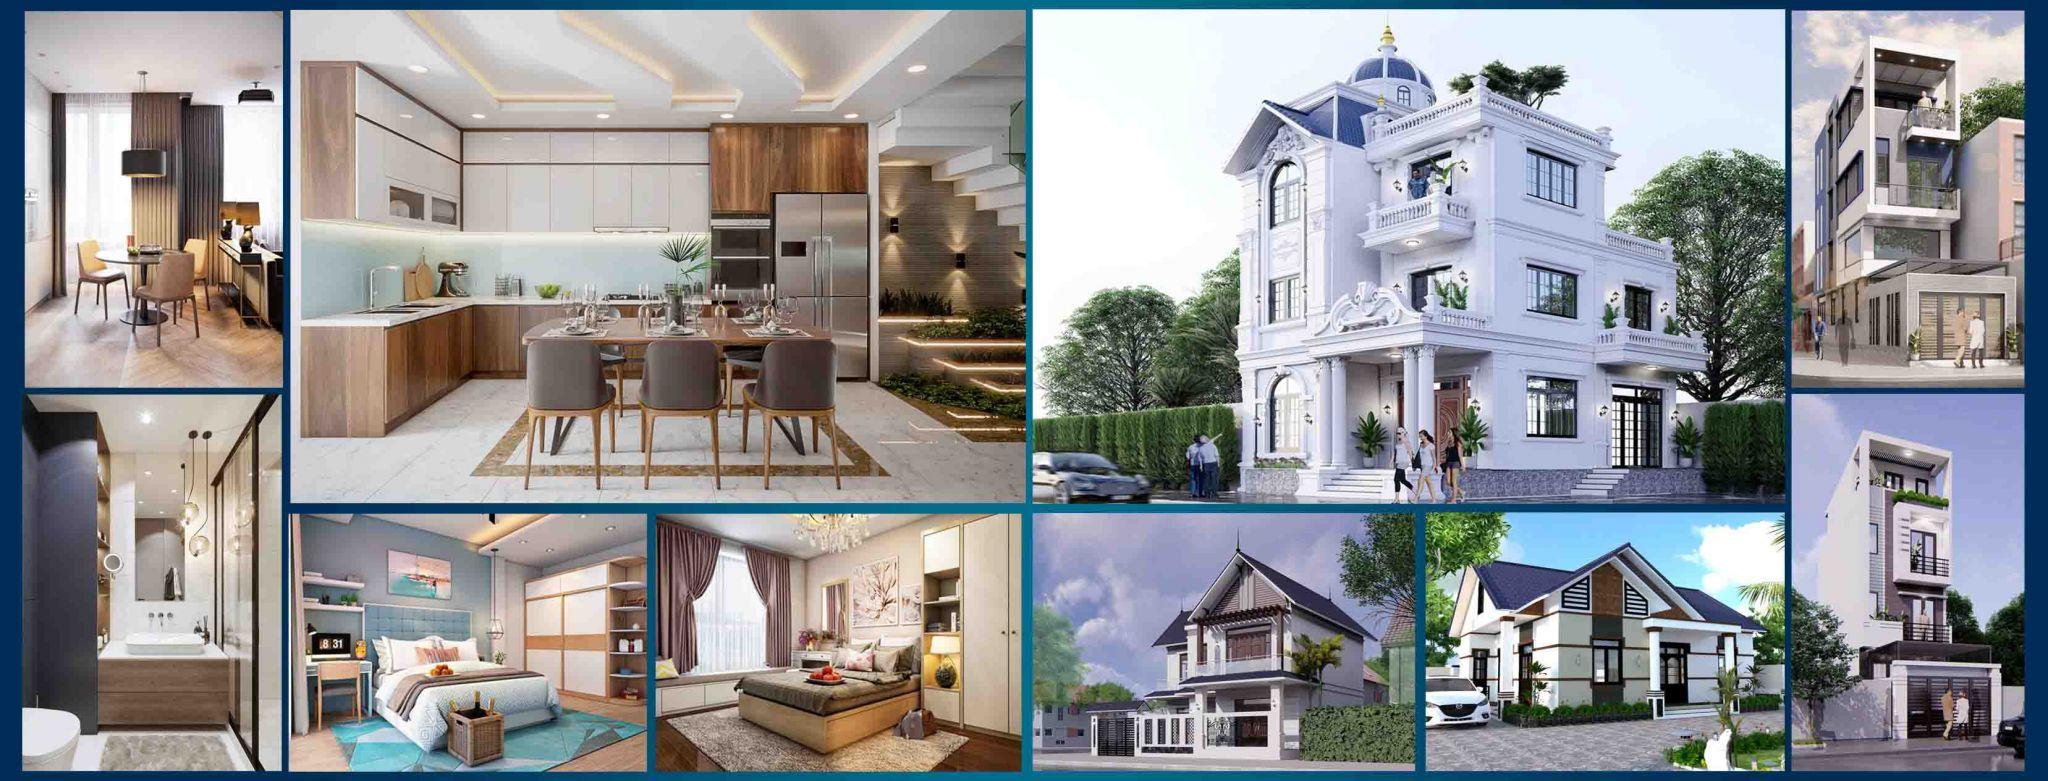 Kiến trúc Tuyệt Mỹ - nhận tư vấn thiết kế, thi công nội thất, ngoại thất trọn gói tại Hà Nội.